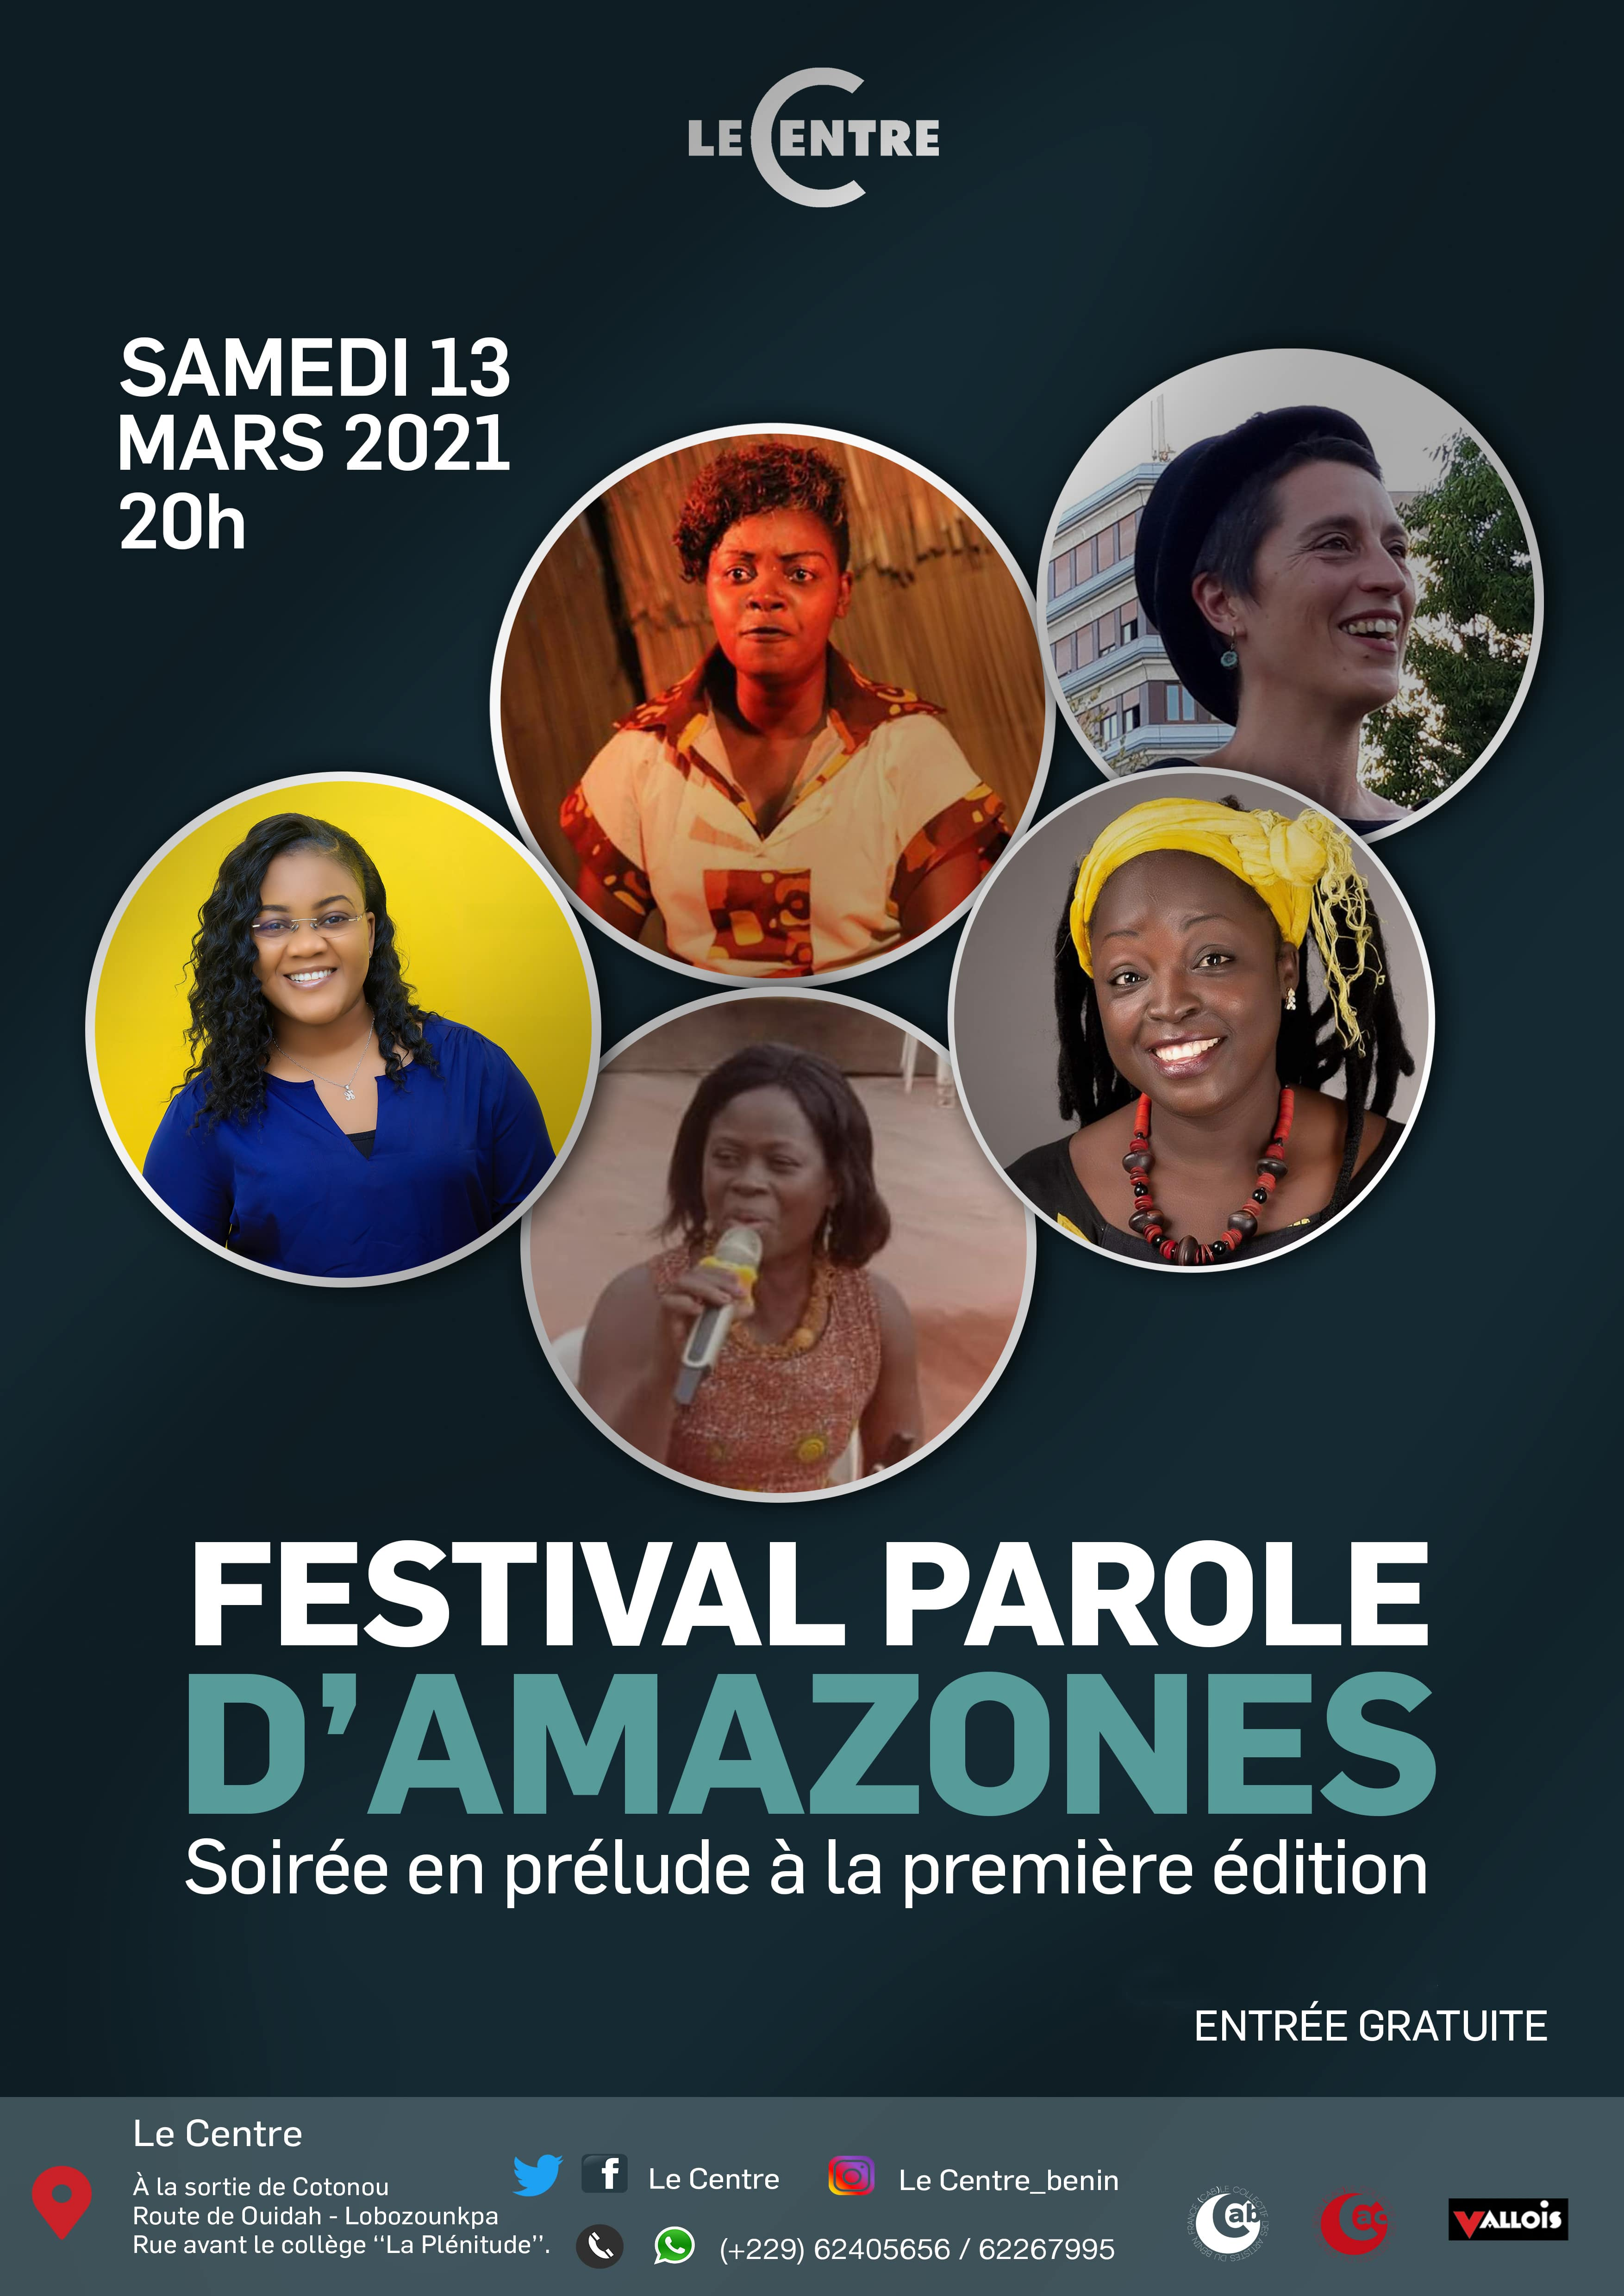 Festival Parole D'Amazones, Soirée en prélude